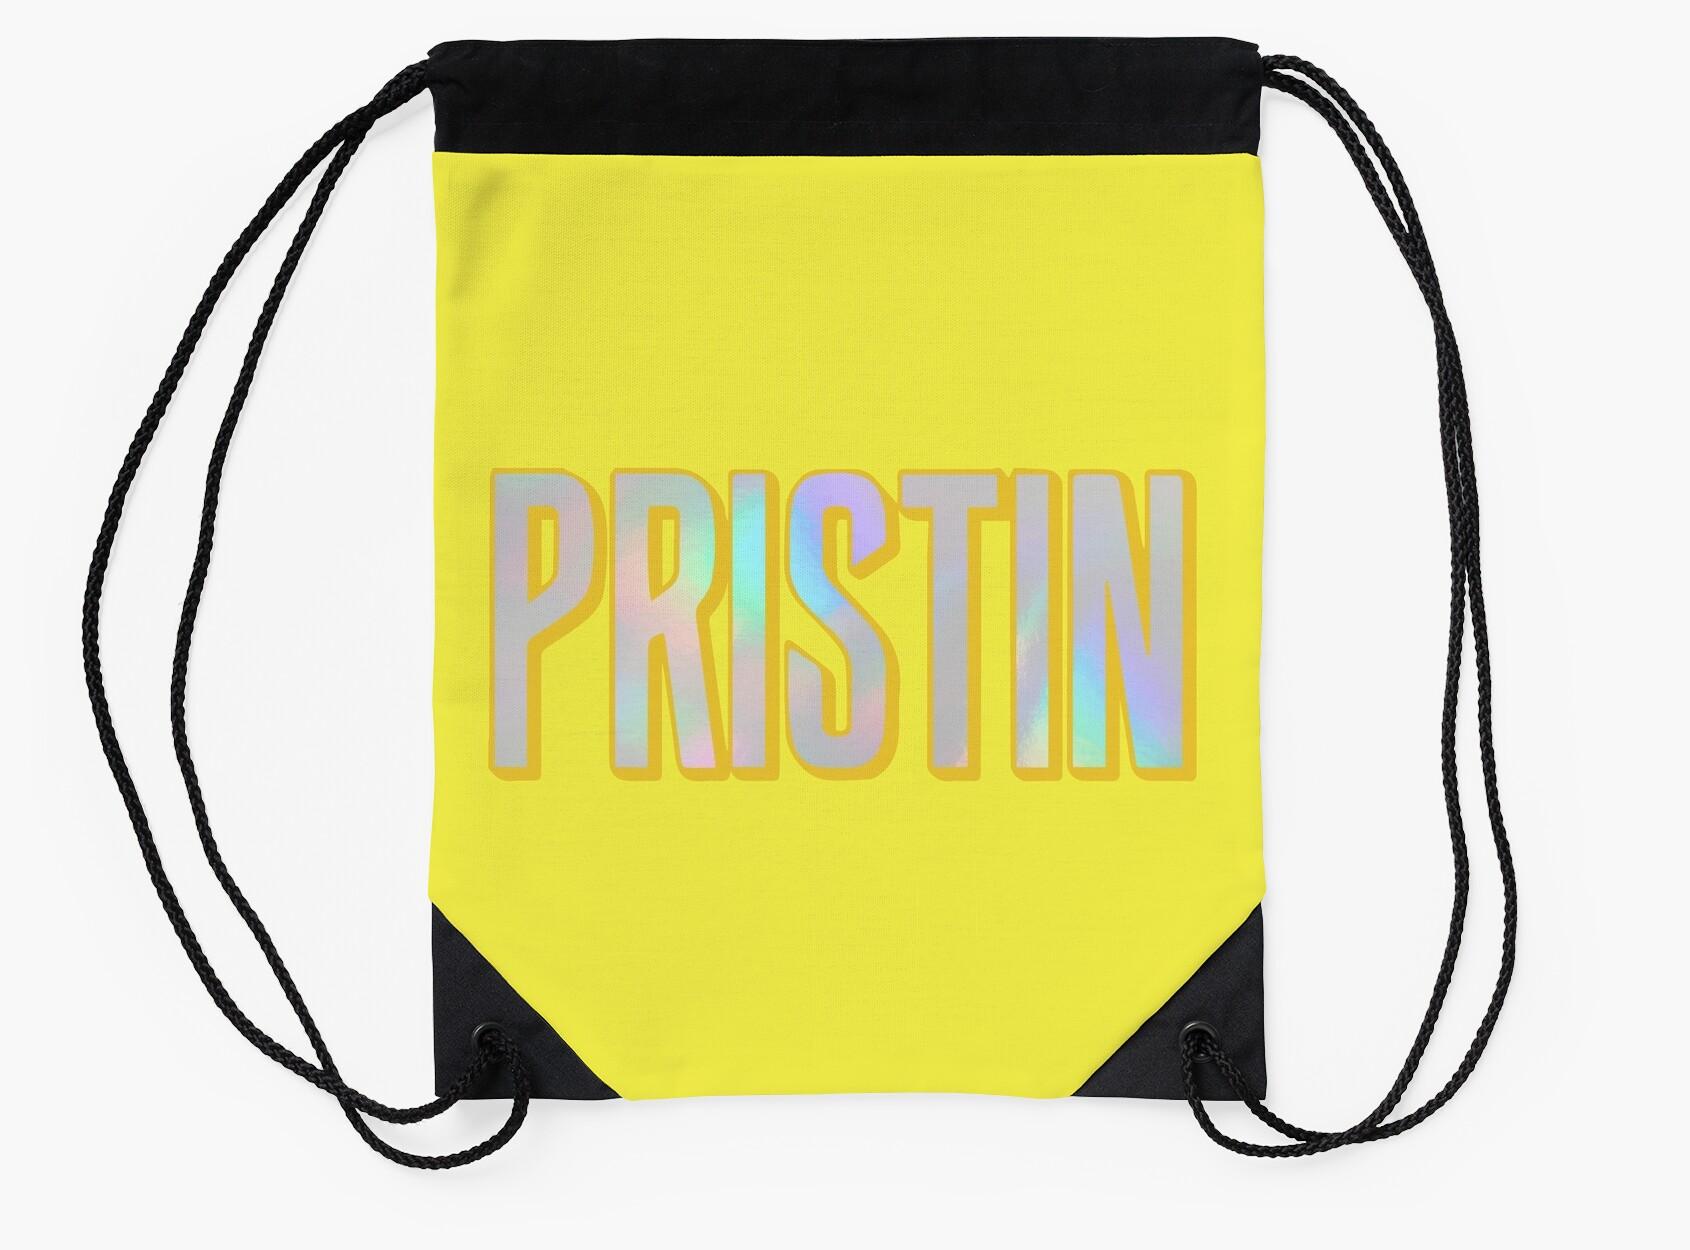 Pristin Holo Logo Yellow